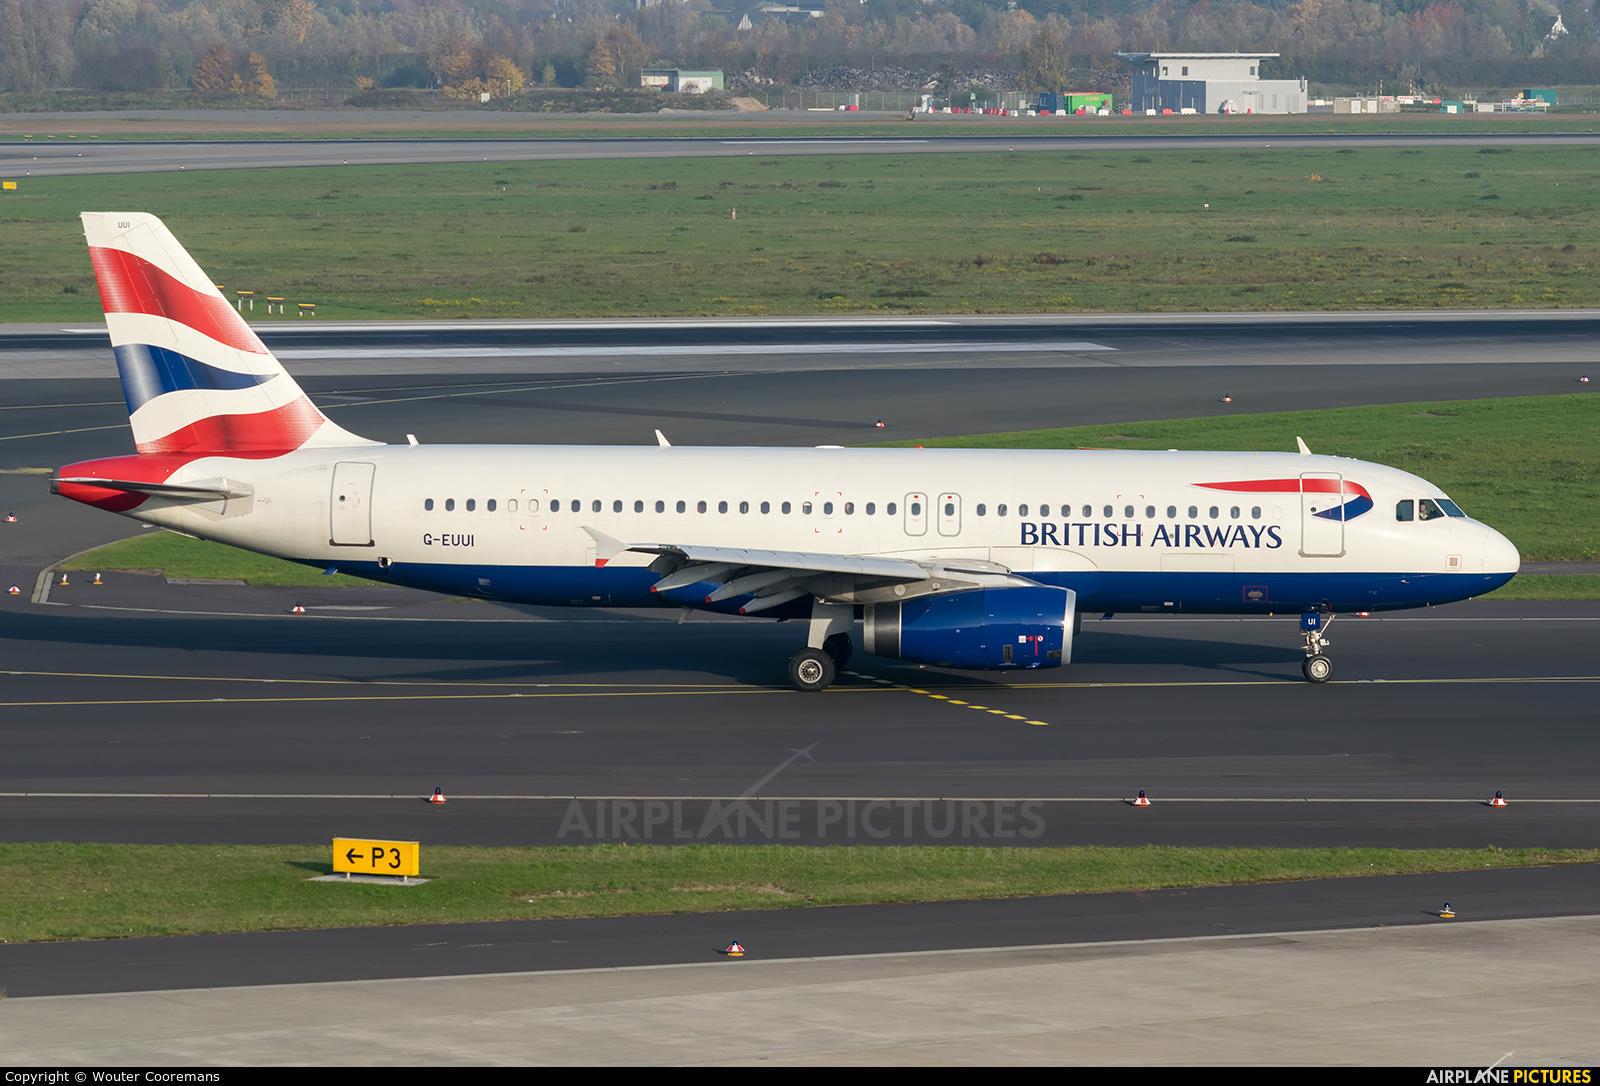 British Airways G-EUUI aircraft at Düsseldorf